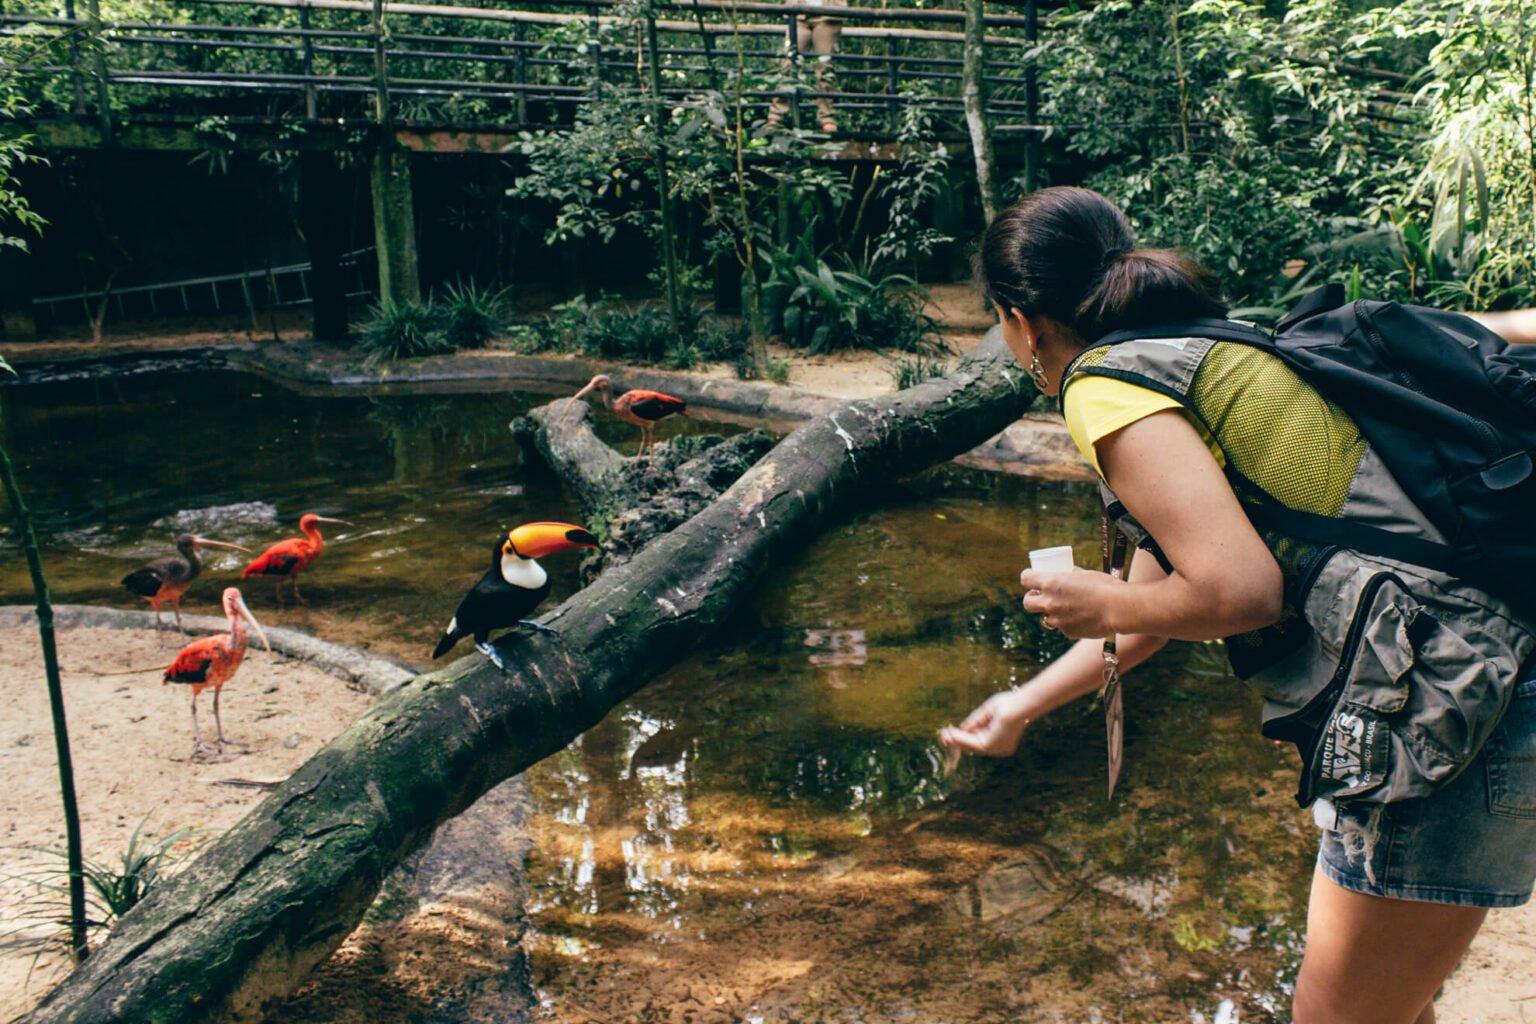 Alimentando os tucanos no viveiro Aves de Rios e Mangues